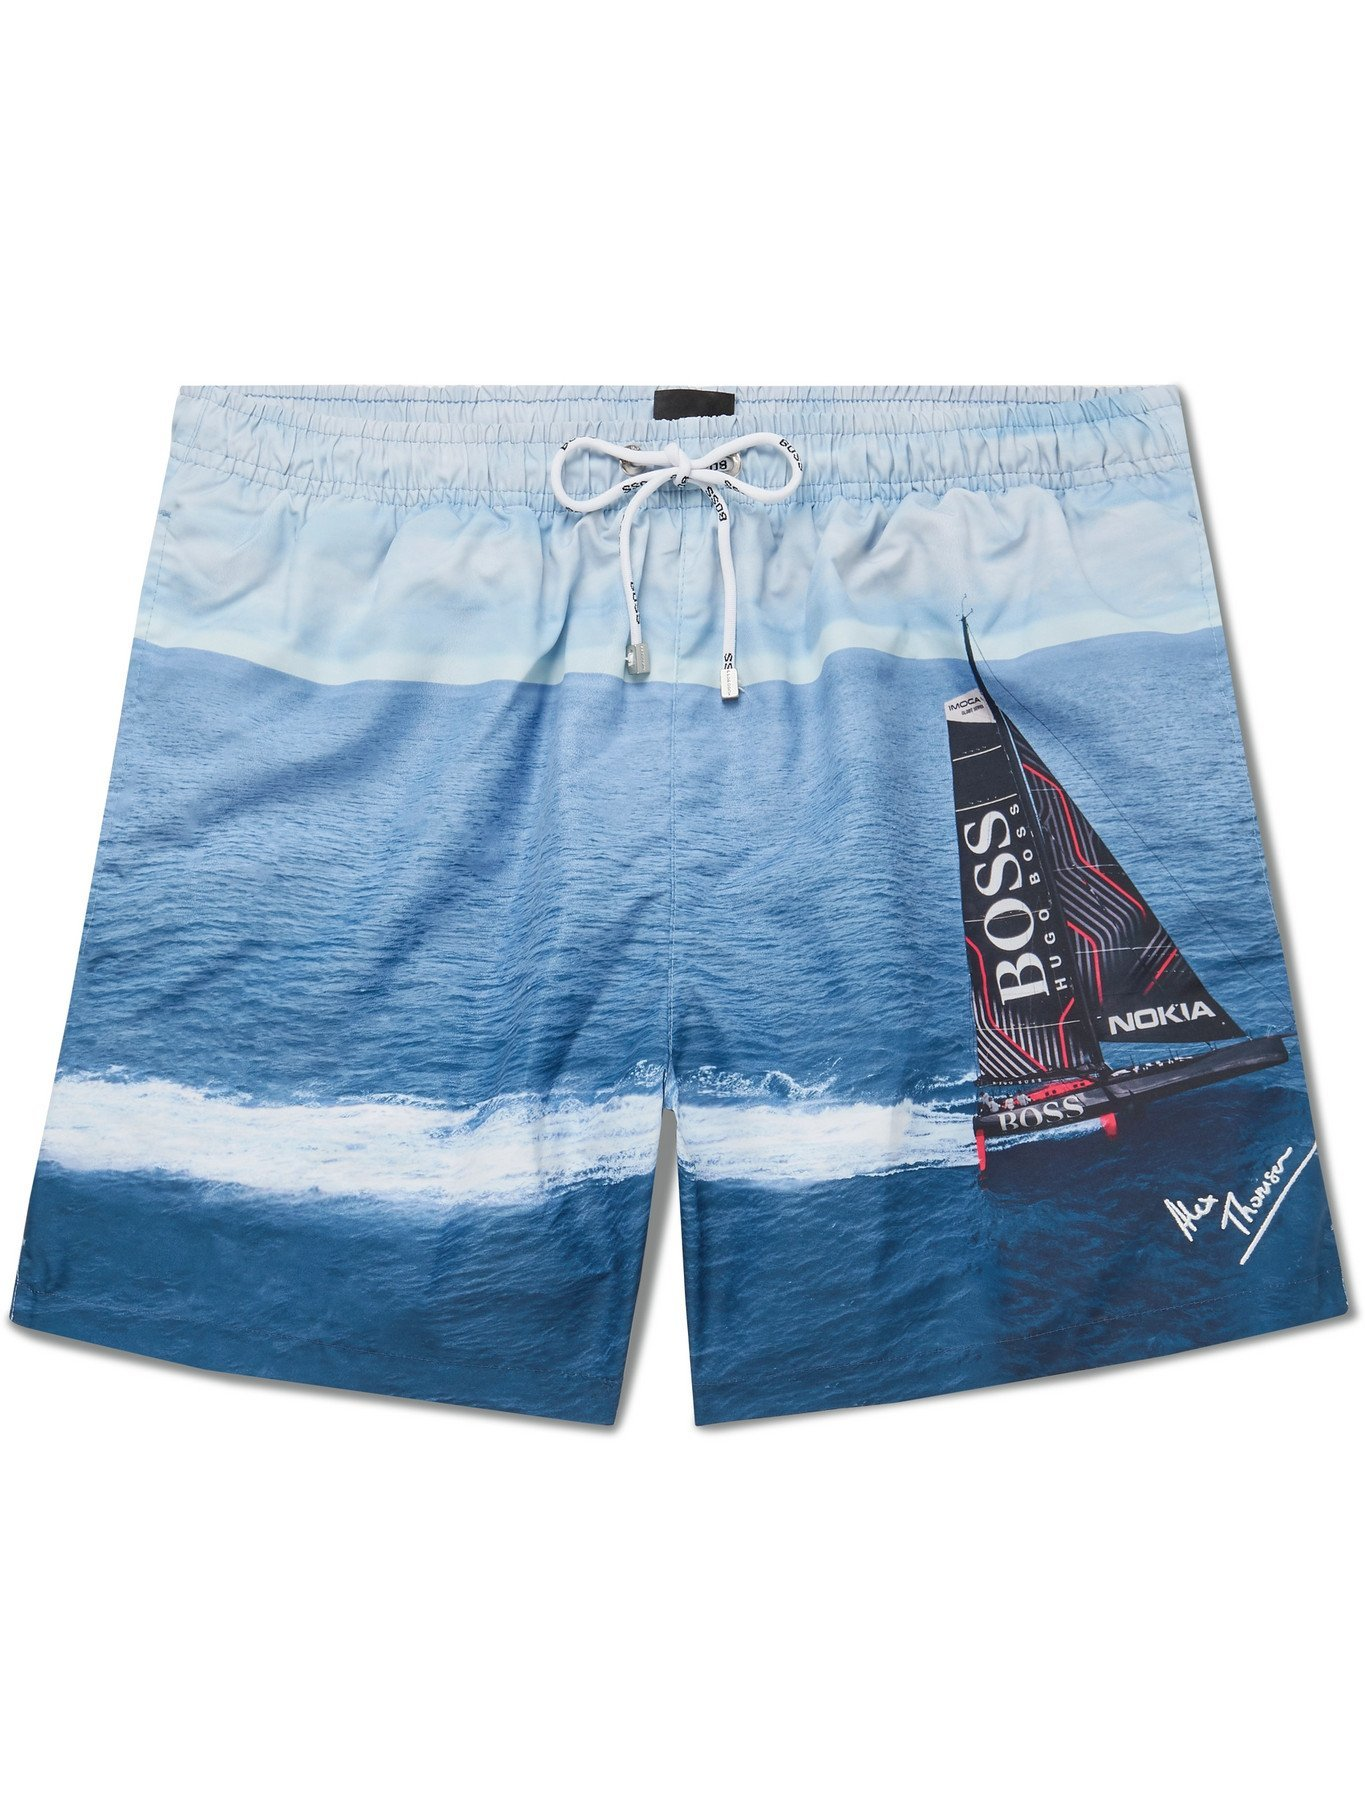 HUGO BOSS - Mid-Length Printed SEAQUAL Swim Shorts - Blue - S